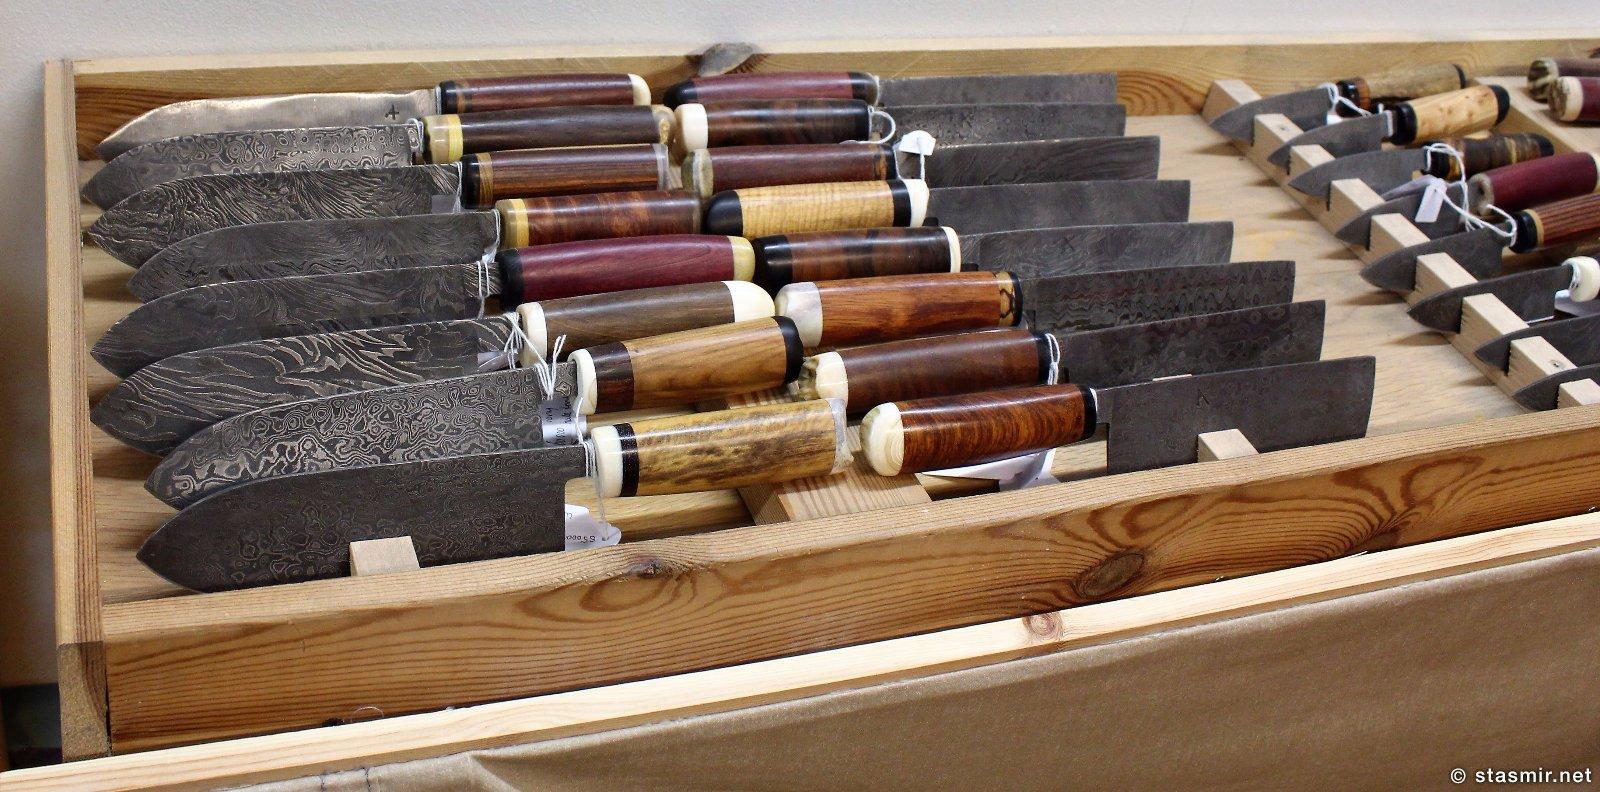 ножи в галерее ножей Паутля Кристйаунссона в Мосфельсбаере, фото Стасмир, photo Stasmir